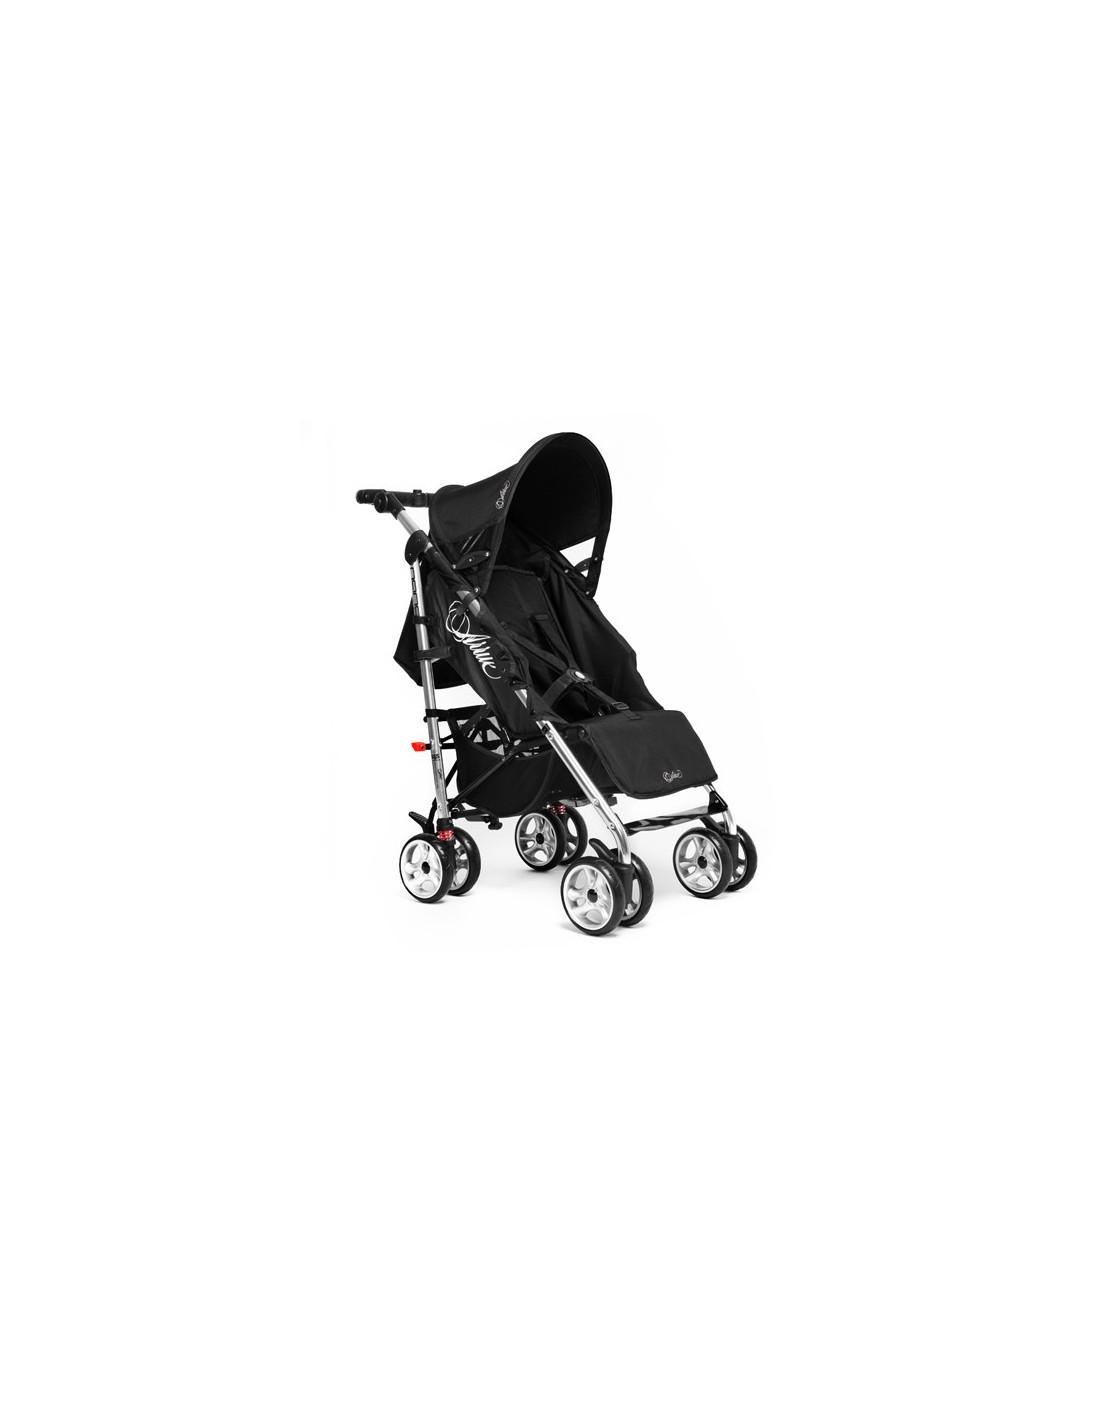 Silla de paseo nano de arrue la mejor para tu beb - Mejor silla paseo ...